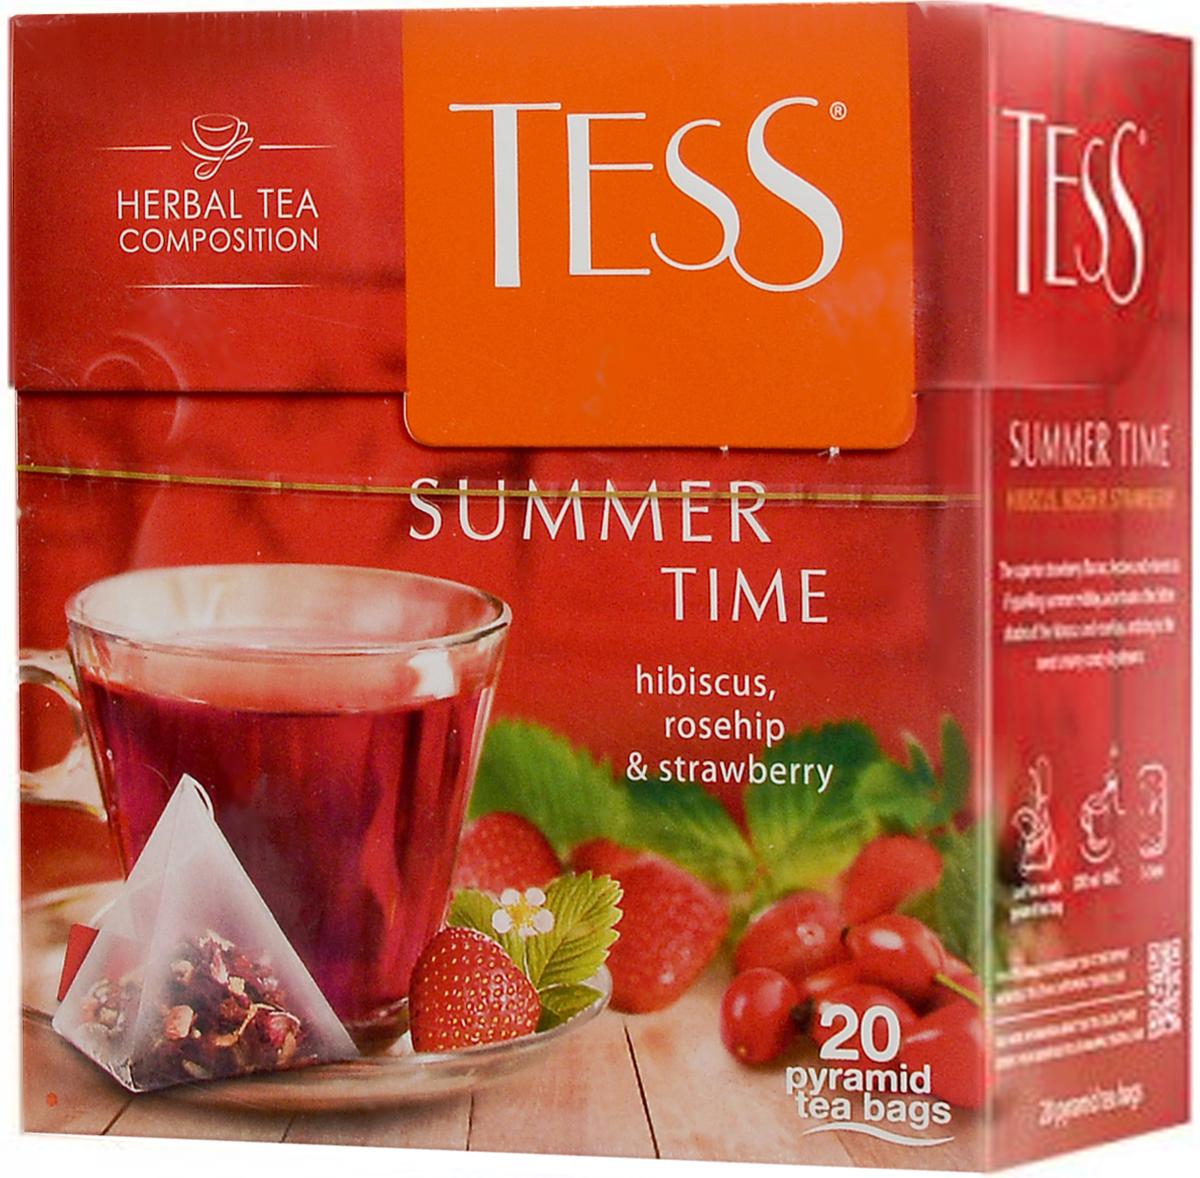 Tess Summer Time травяной чай с гибискусом, шиповником и клубникой в пирамидках, 20 шт0120710Травяной чай в пирамидках Tess Summer Time обладает великолепным клубничным ароматом, праздничным и ярким, как сверкающий летний полдень, который оттеняет кисловатые ноты гибискуса и шиповника, увлекая в сладкую пену карамельных грез.